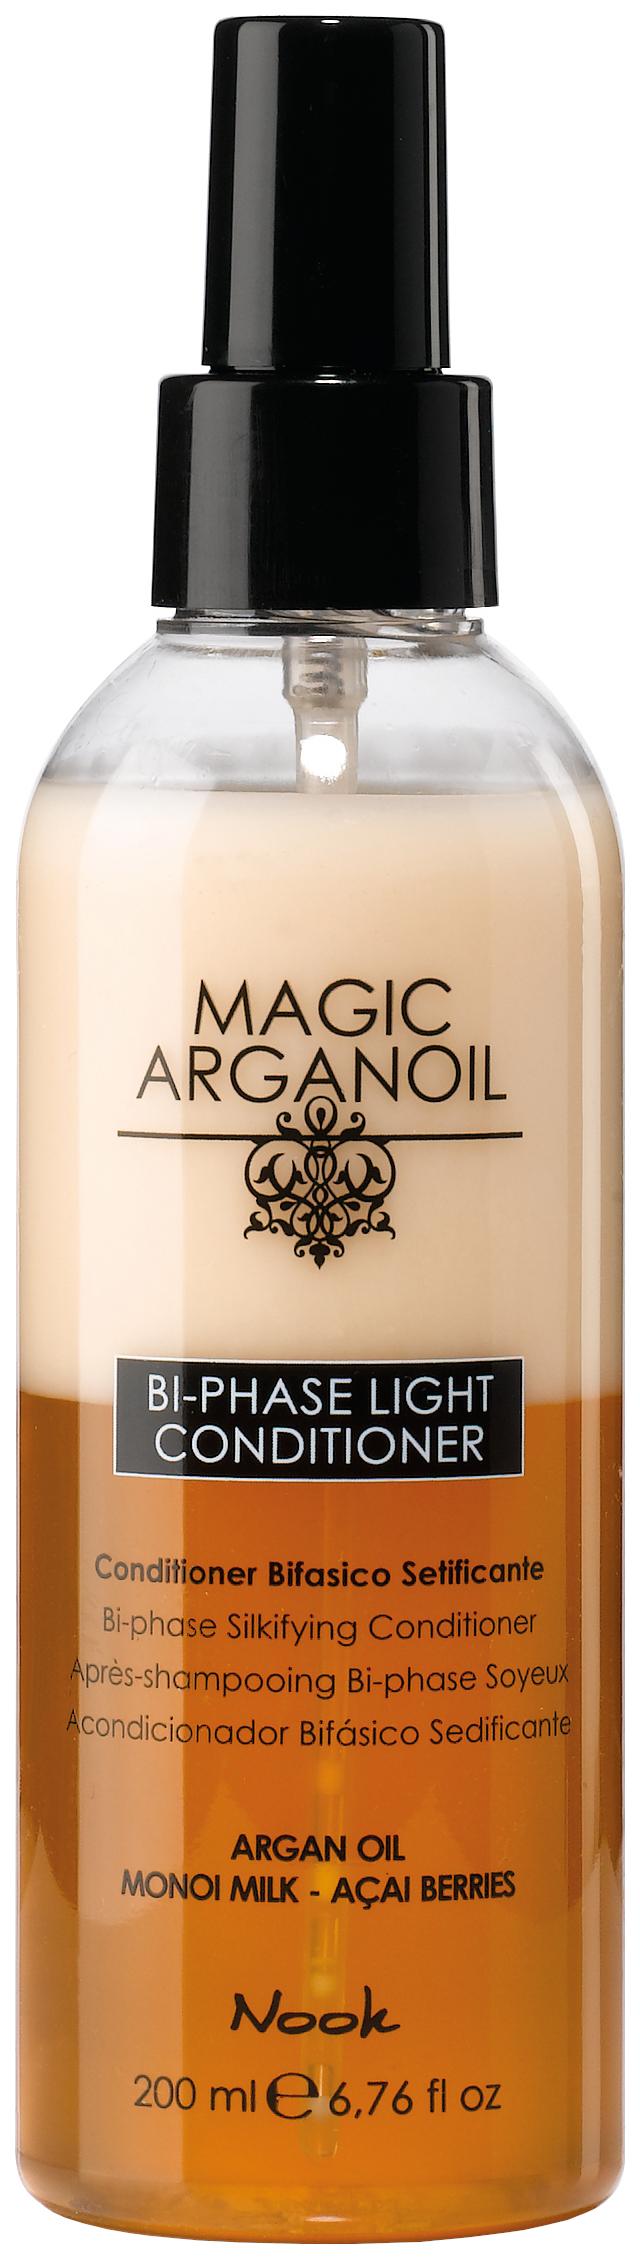 Кондиционер для волос Nook Bi Phase Light